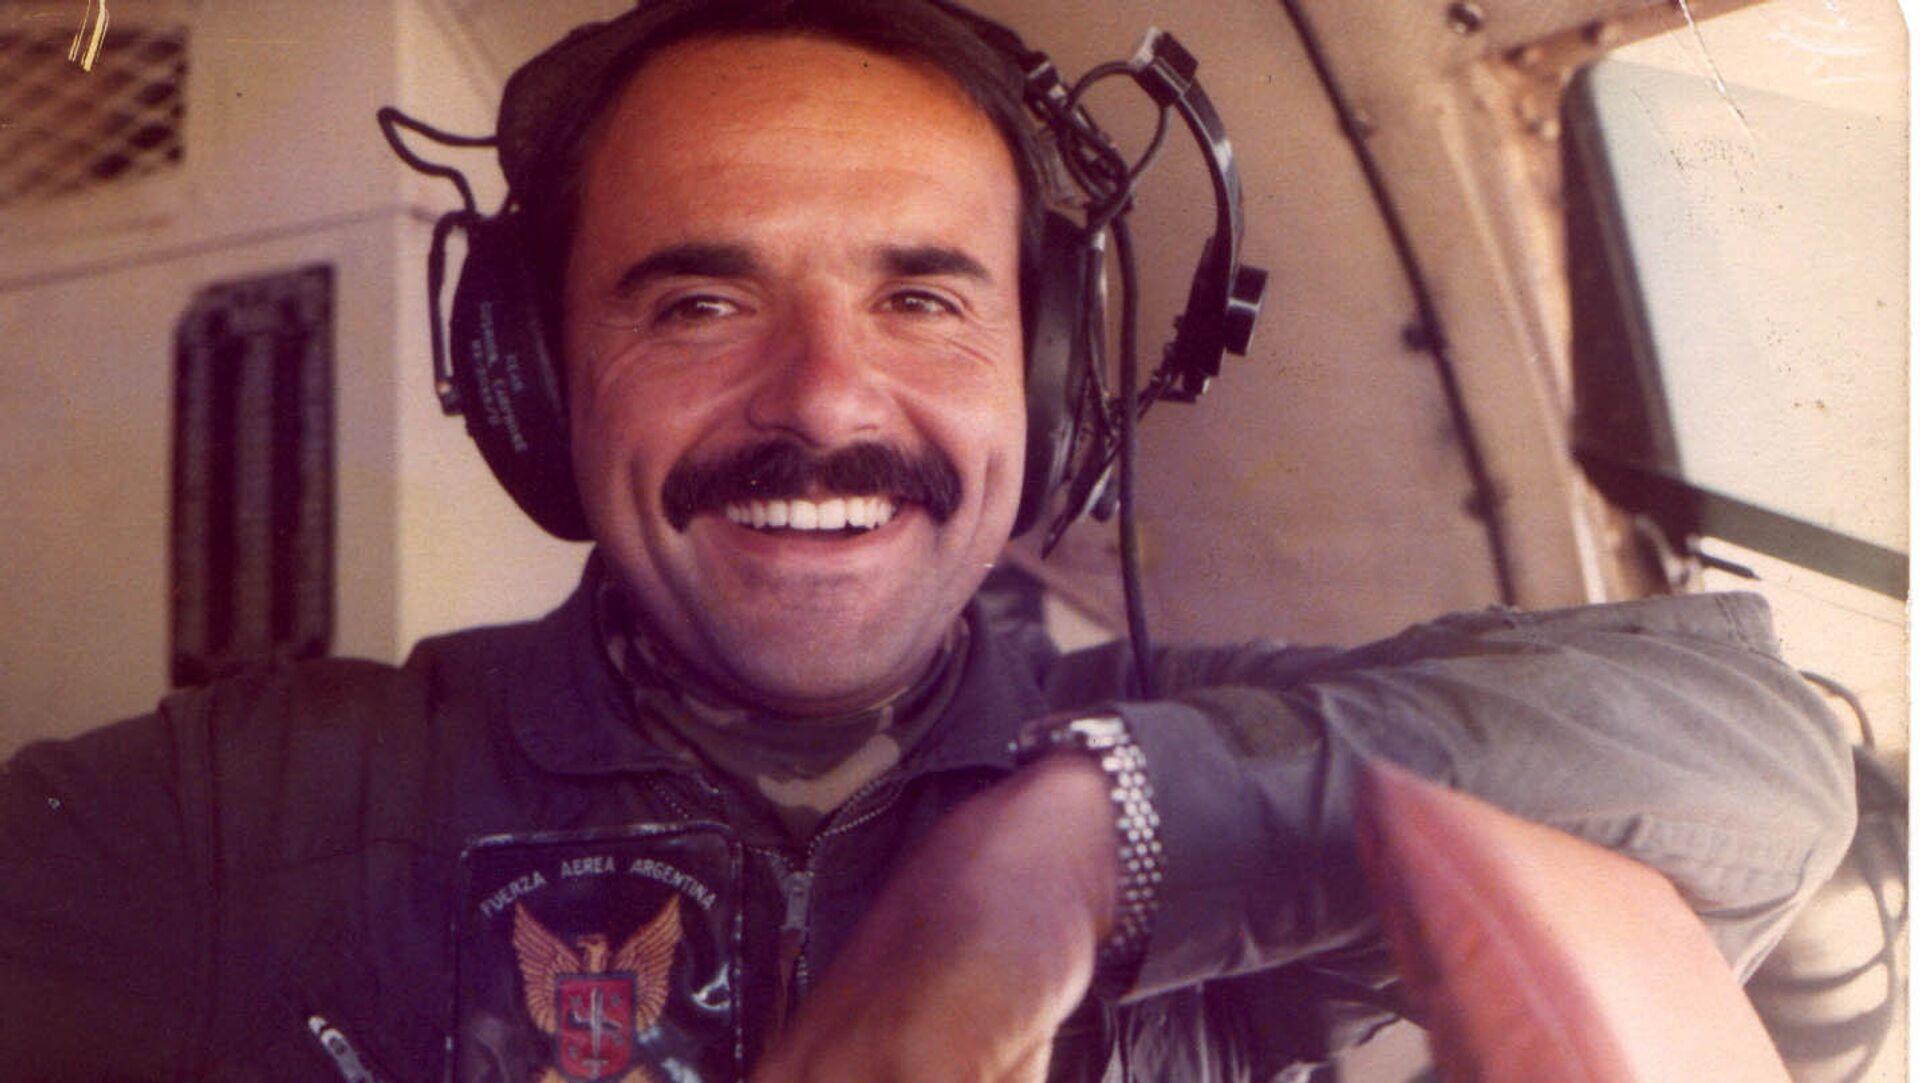 Rubén Martel, piloto argentino caído en la Guerra de Malvinas - Sputnik Mundo, 1920, 15.03.2017